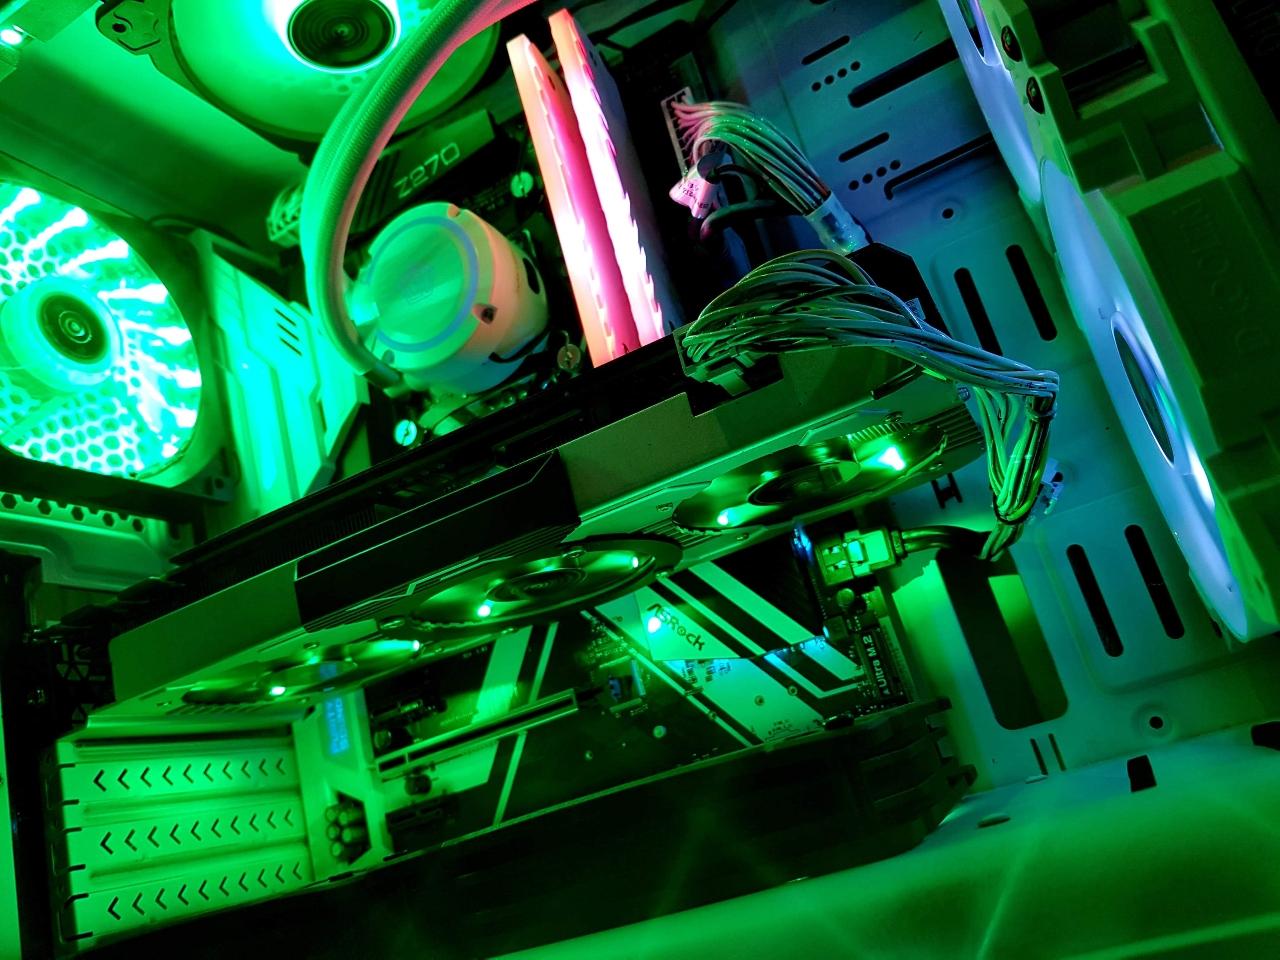 ☆i7-7700k 오버머신 수냉쿨러 컴퓨터 본체☆gtx1070